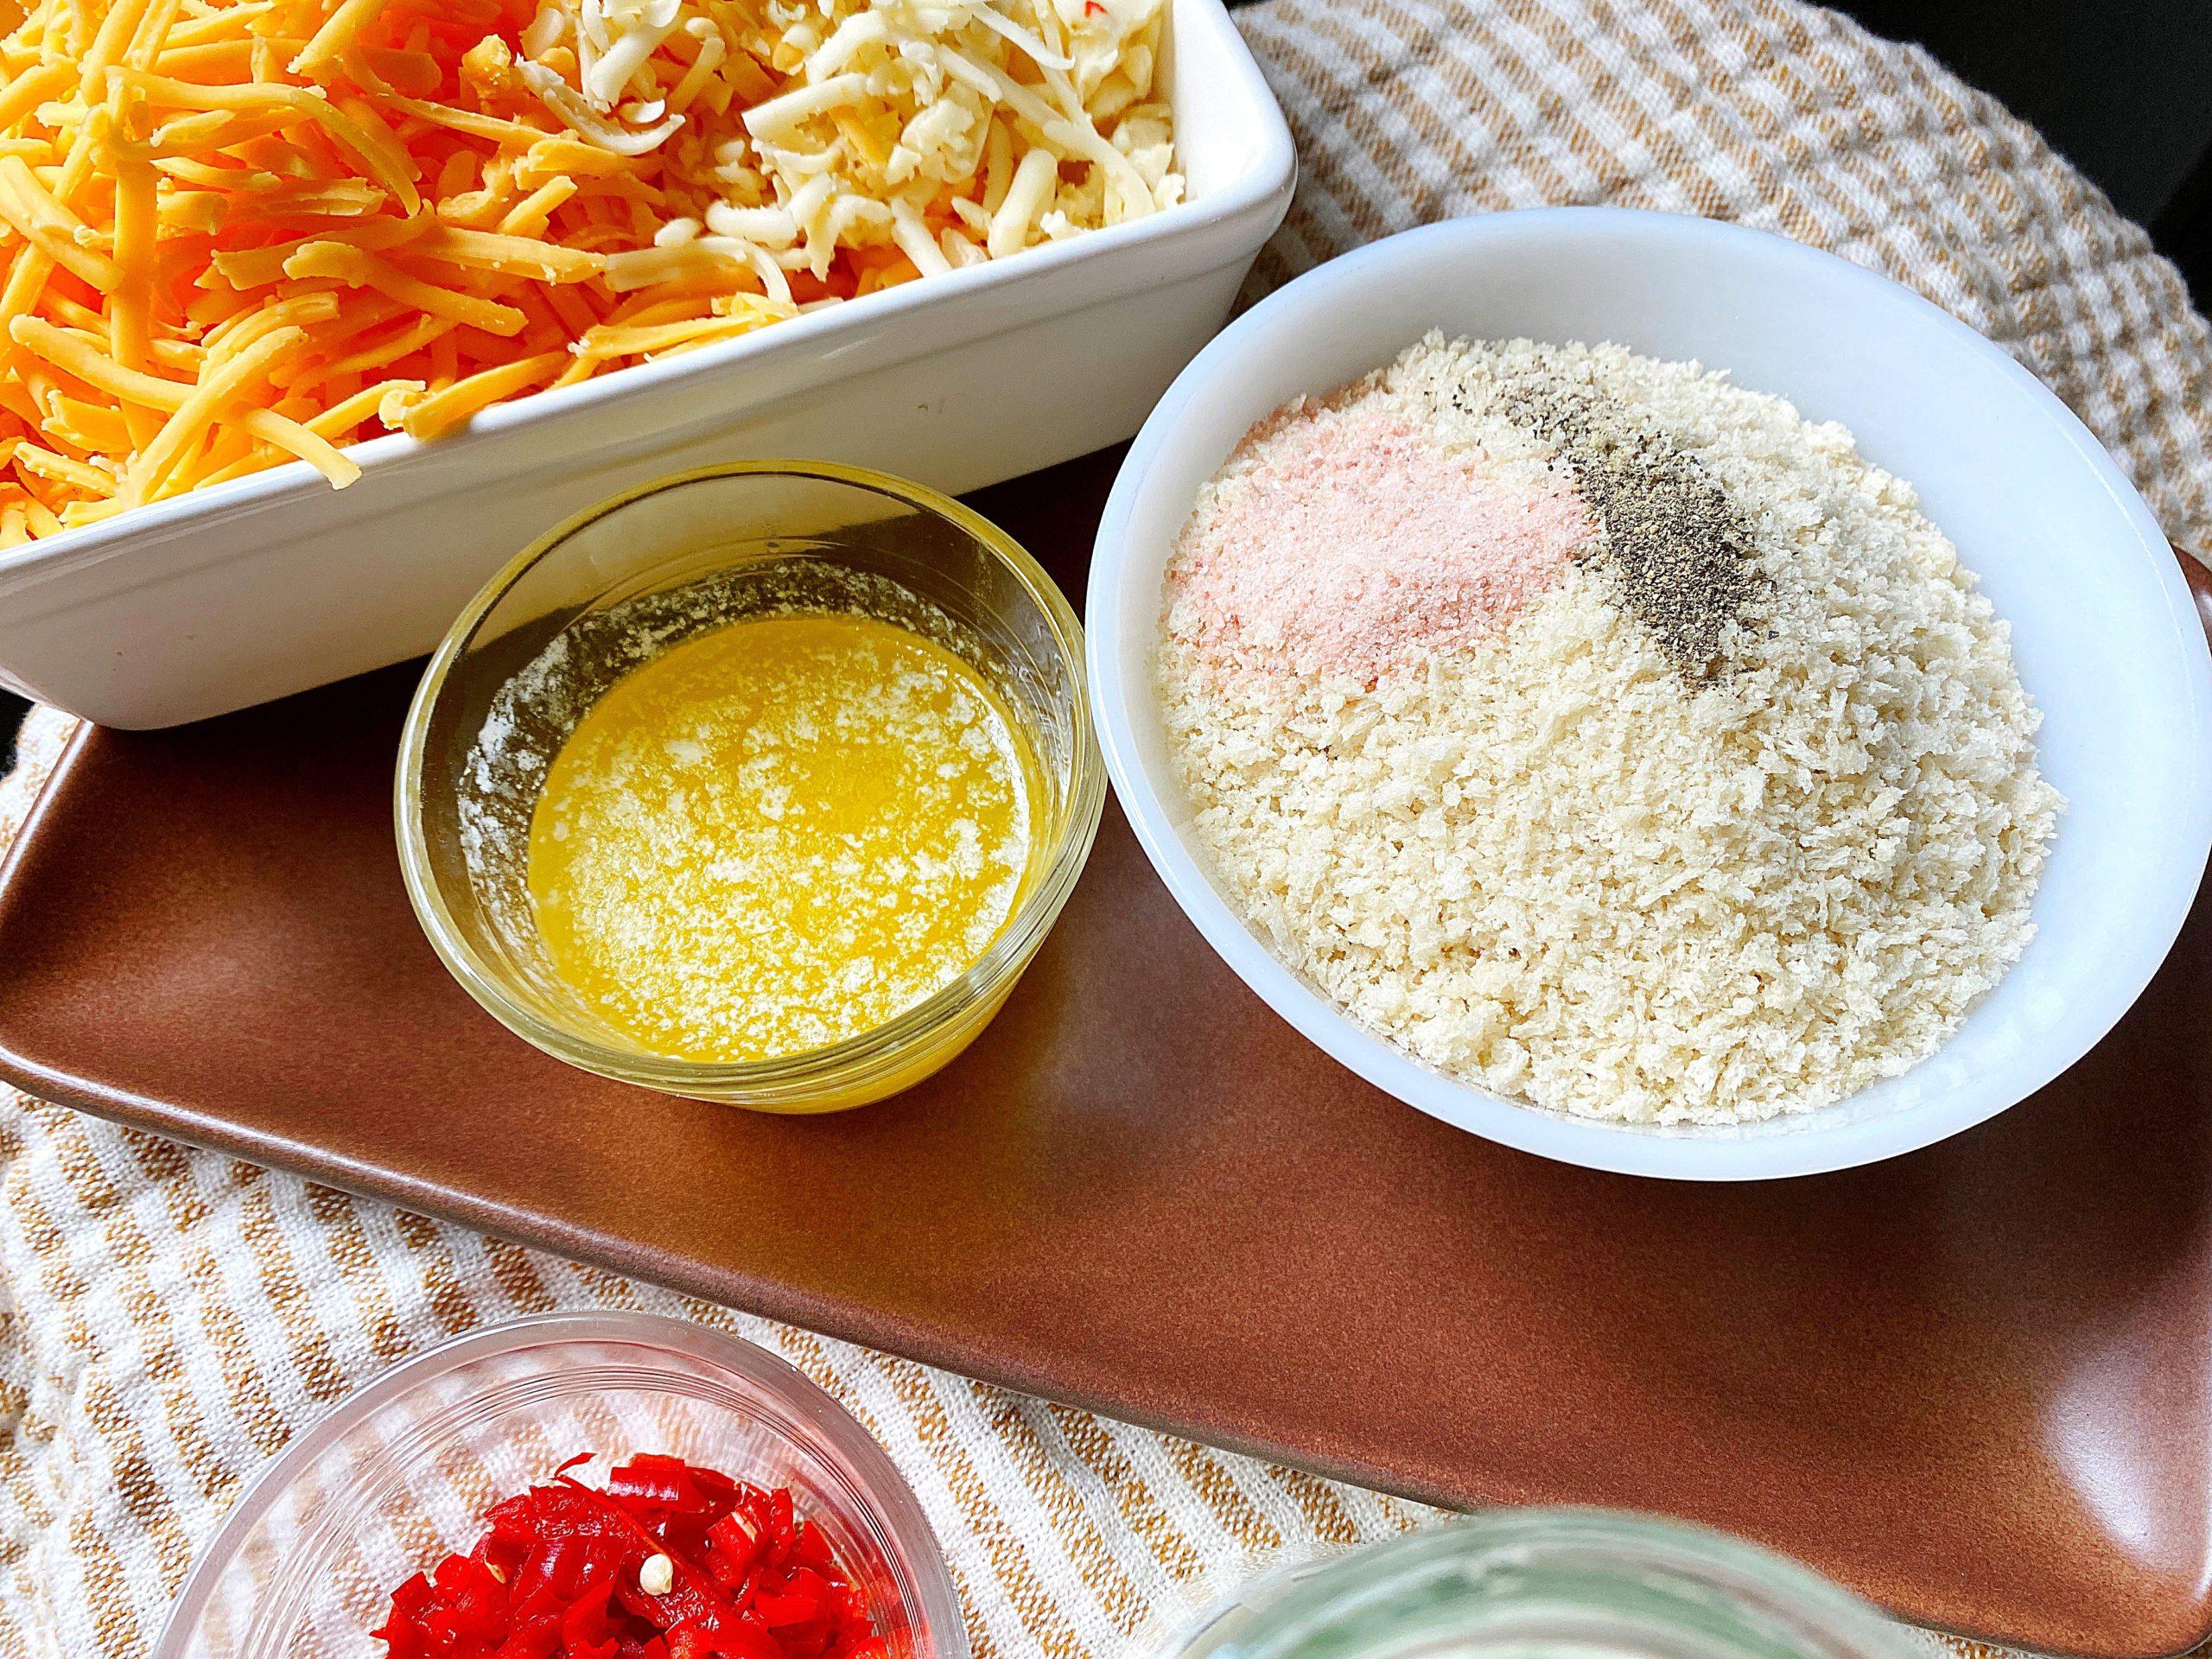 gratin topping ingredients